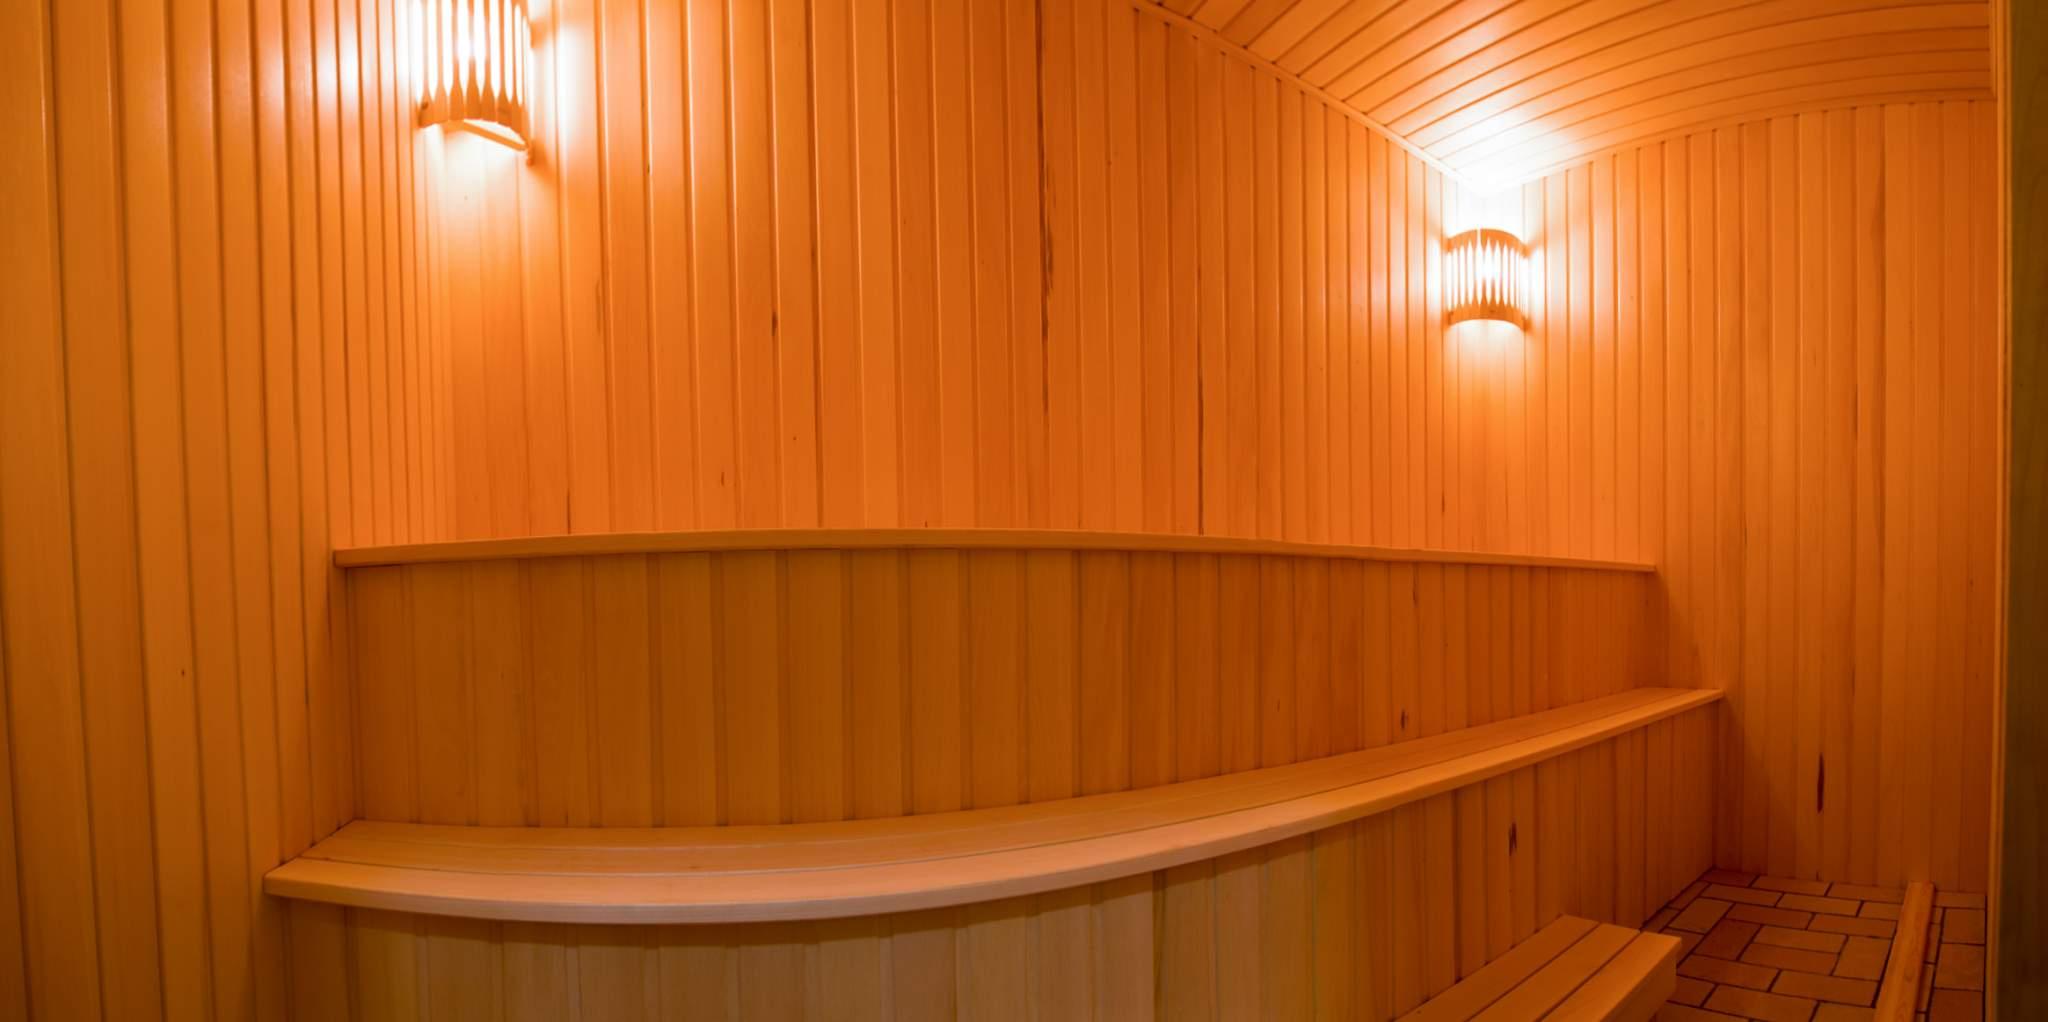 Коттедж в аренду по адресу Россия, Новосибирская обл, Новосибирский р-н, село Боровое, Приморская улица, 1